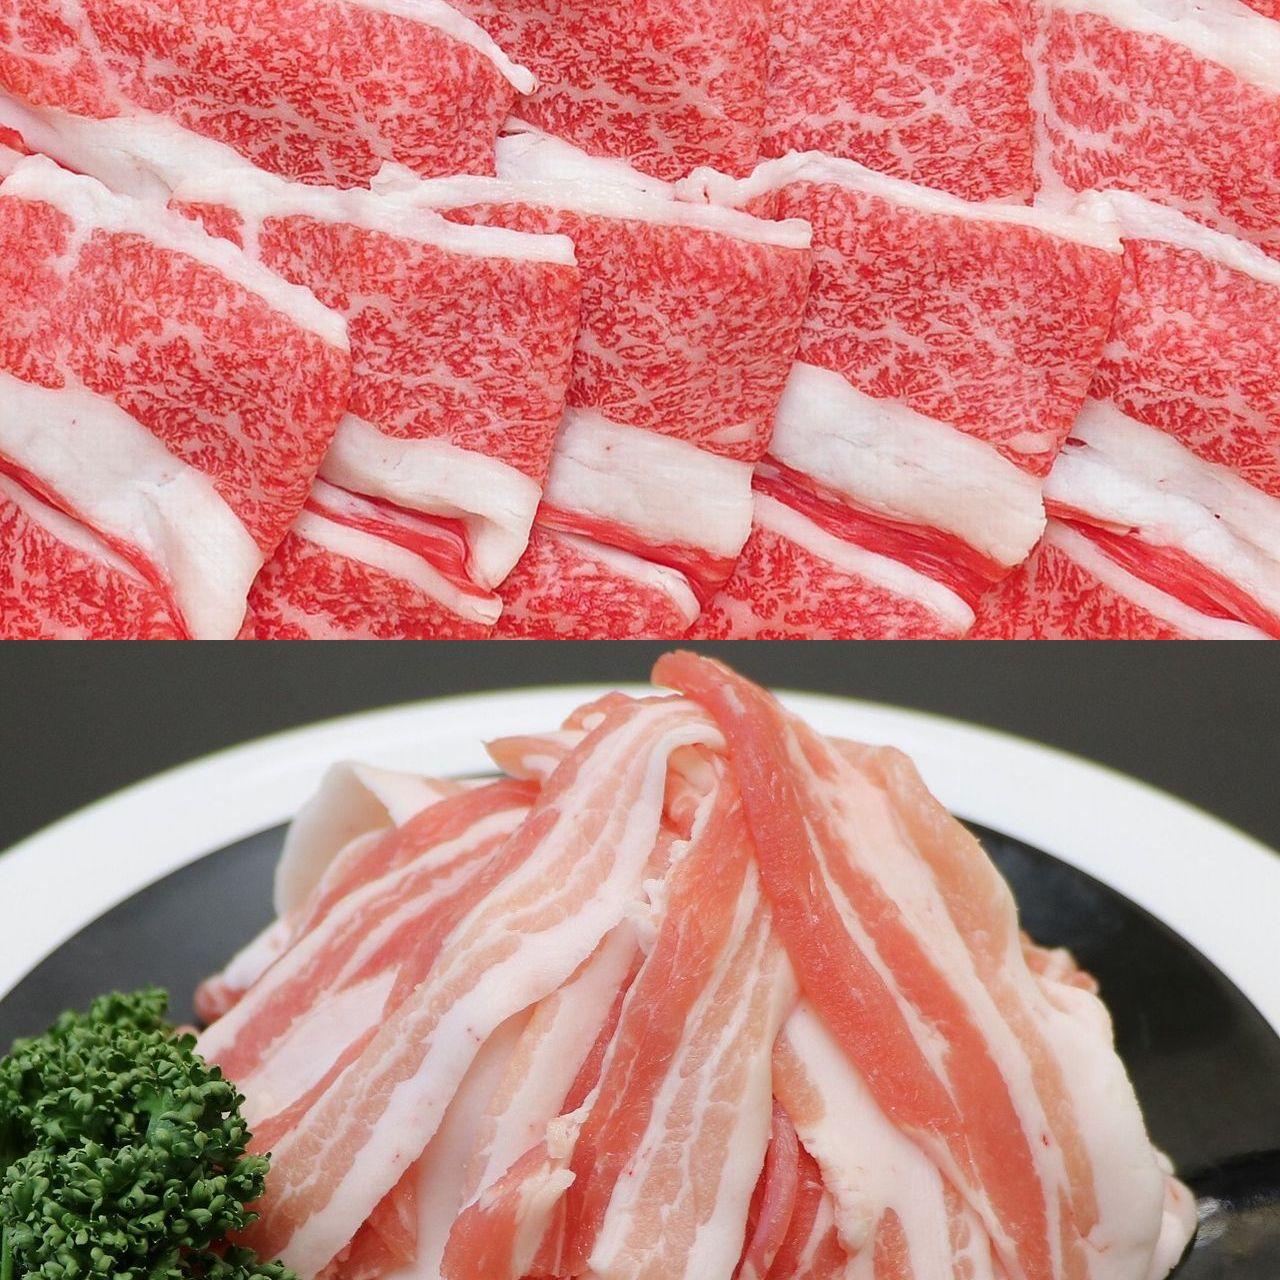 米沢牛・米澤豚一番育ちバラ,何にでも使えます・切り落としセット画像